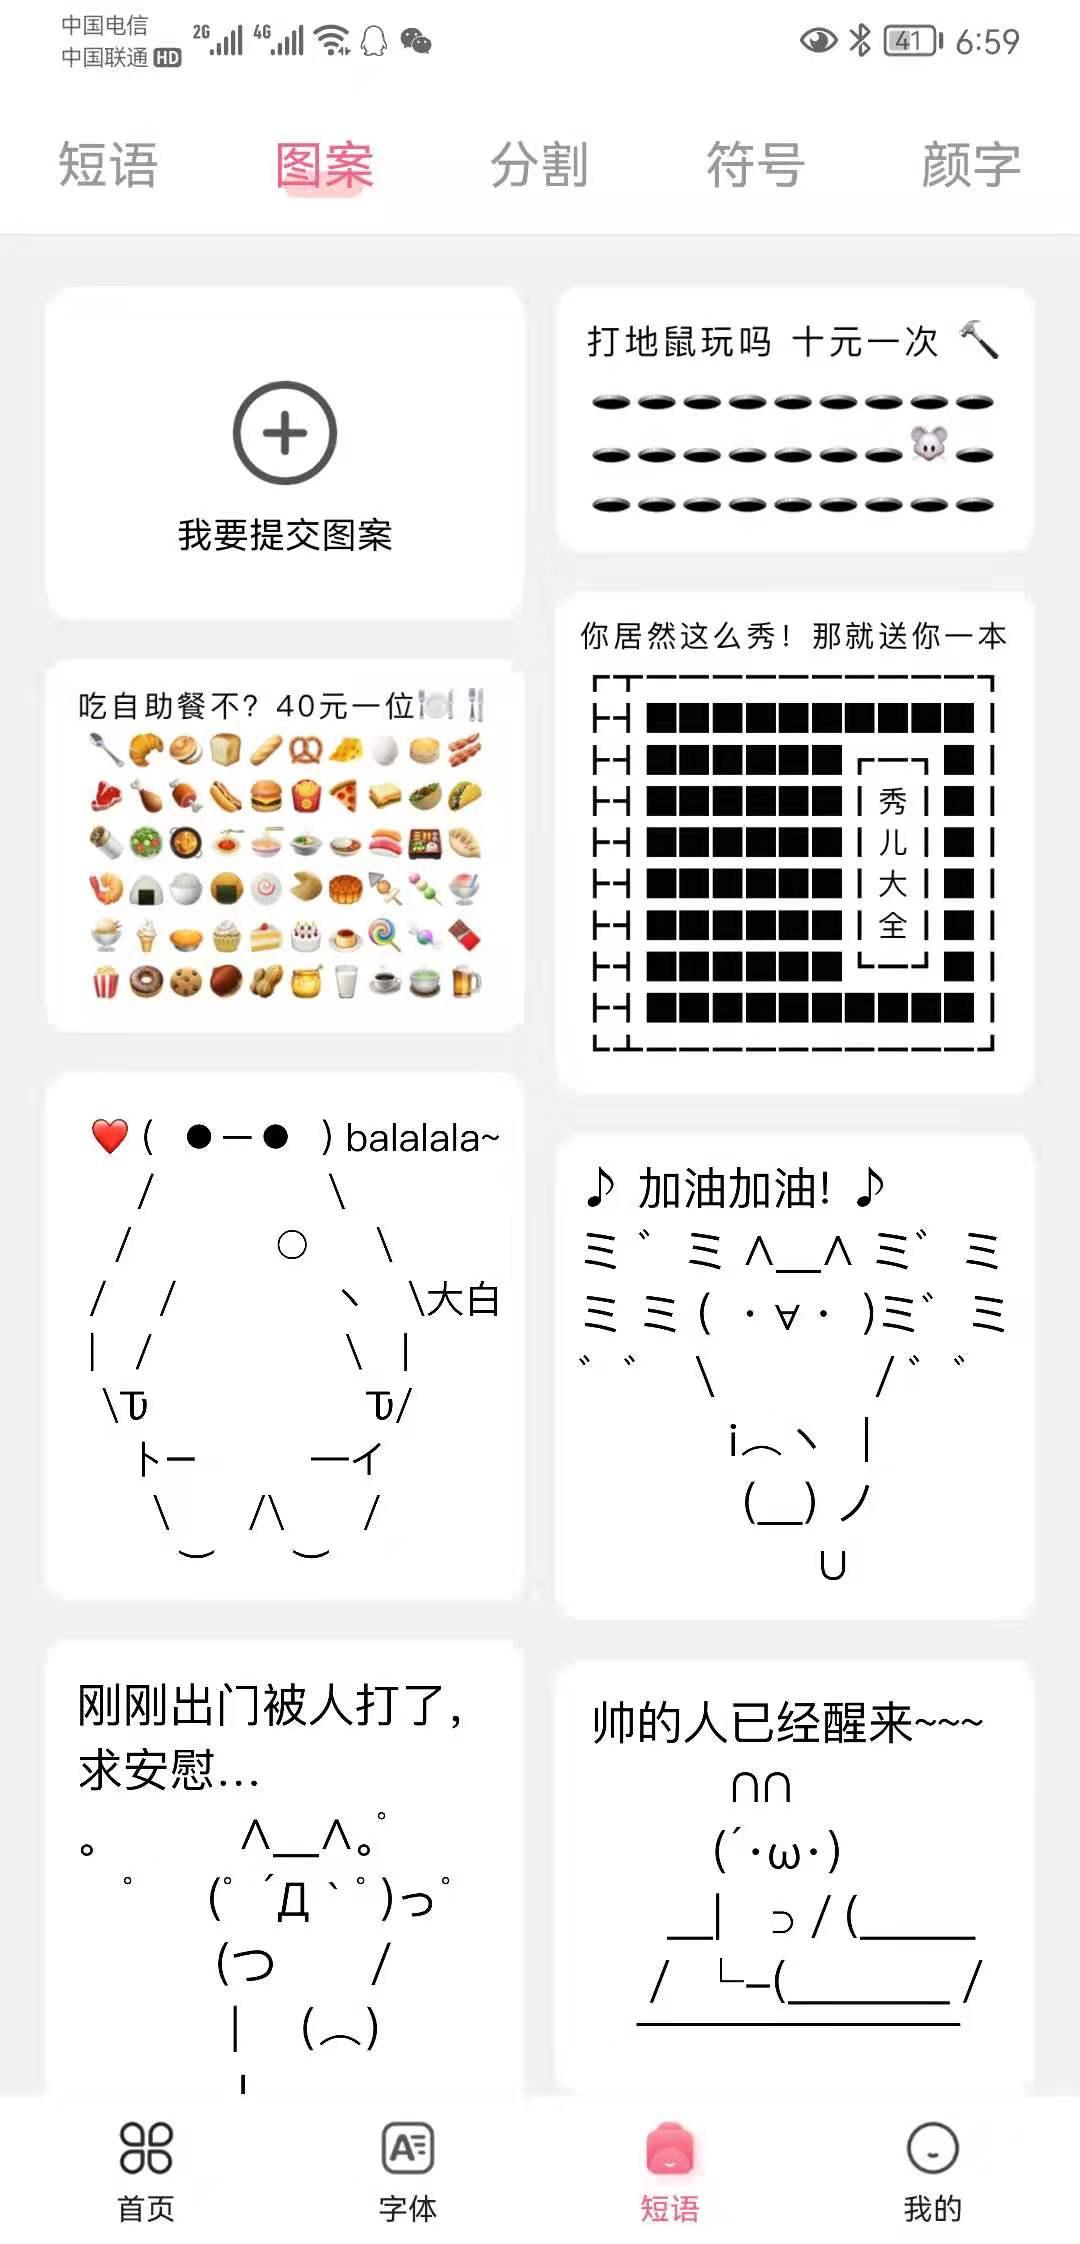 【贝贝图文】安卓鸿蒙通用做图编辑表情文字等等